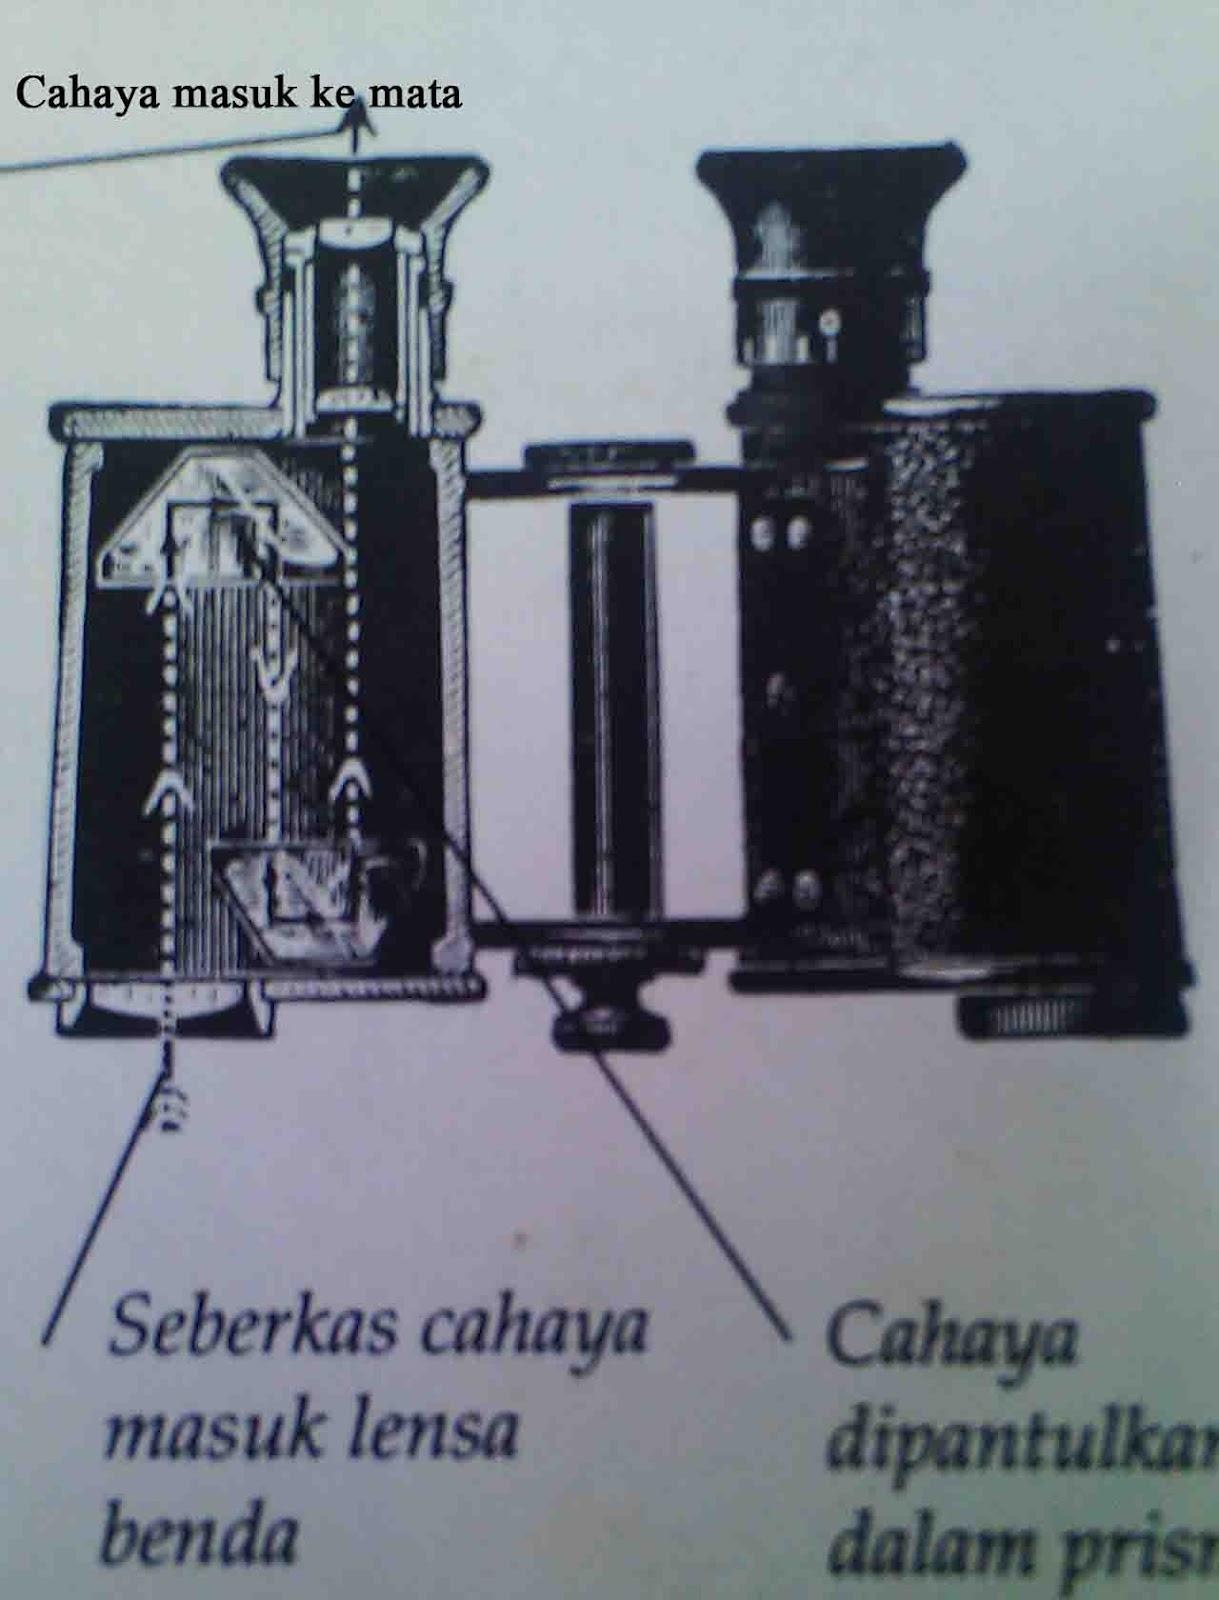 dahulu para astronom menggunakan teropong yang sangat sederhana